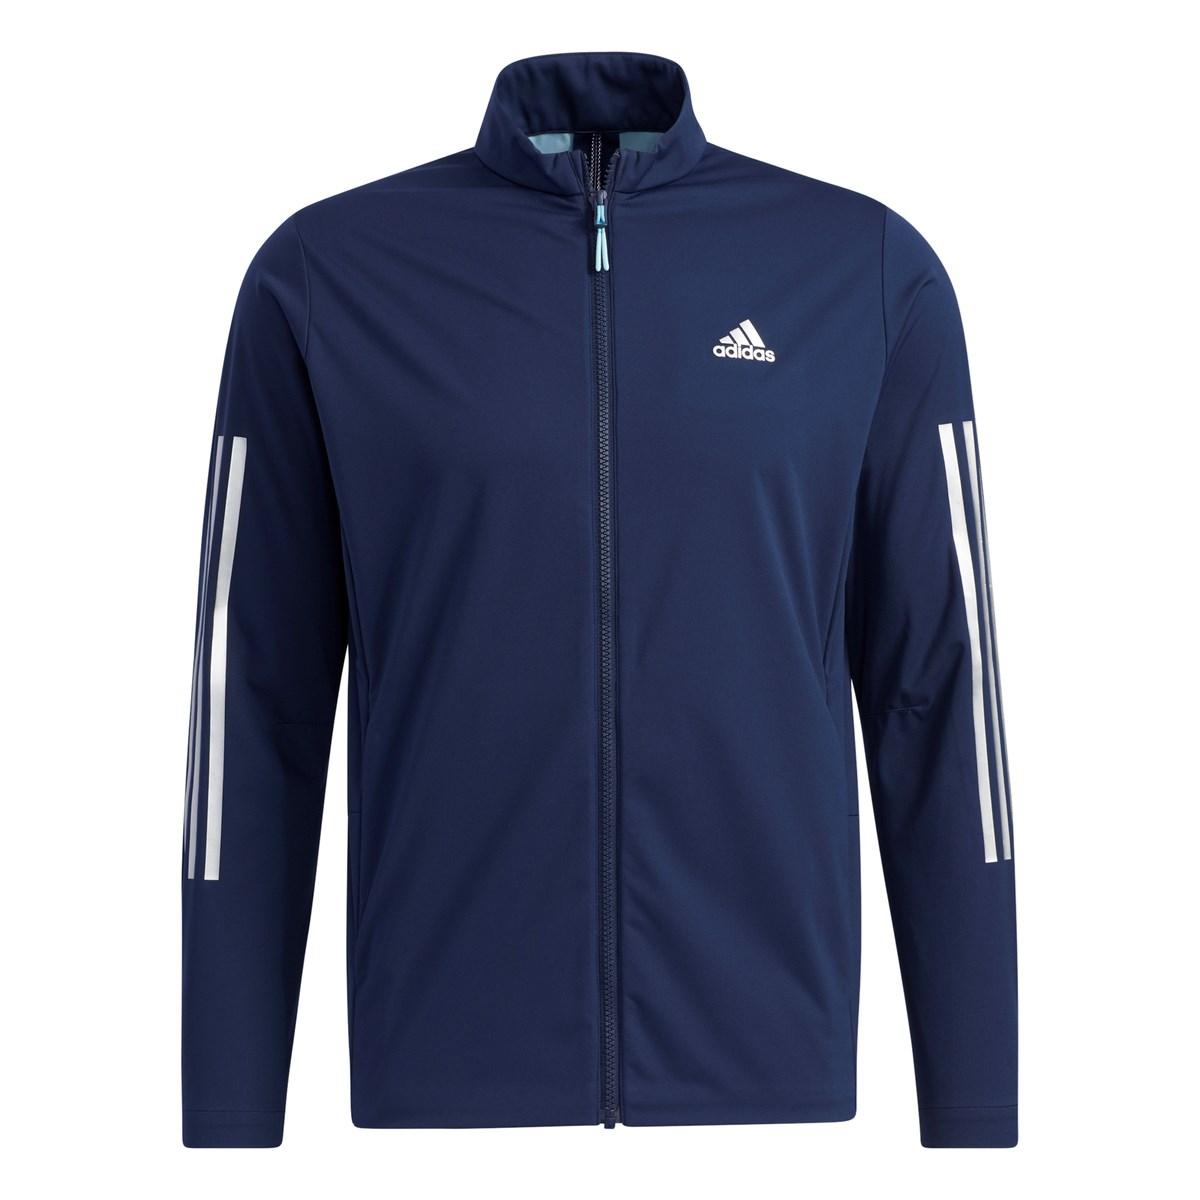 アディダス Adidas スリーレイヤー ストレッチ長袖フルジップウインドジャケット J/M カレッジネイビー